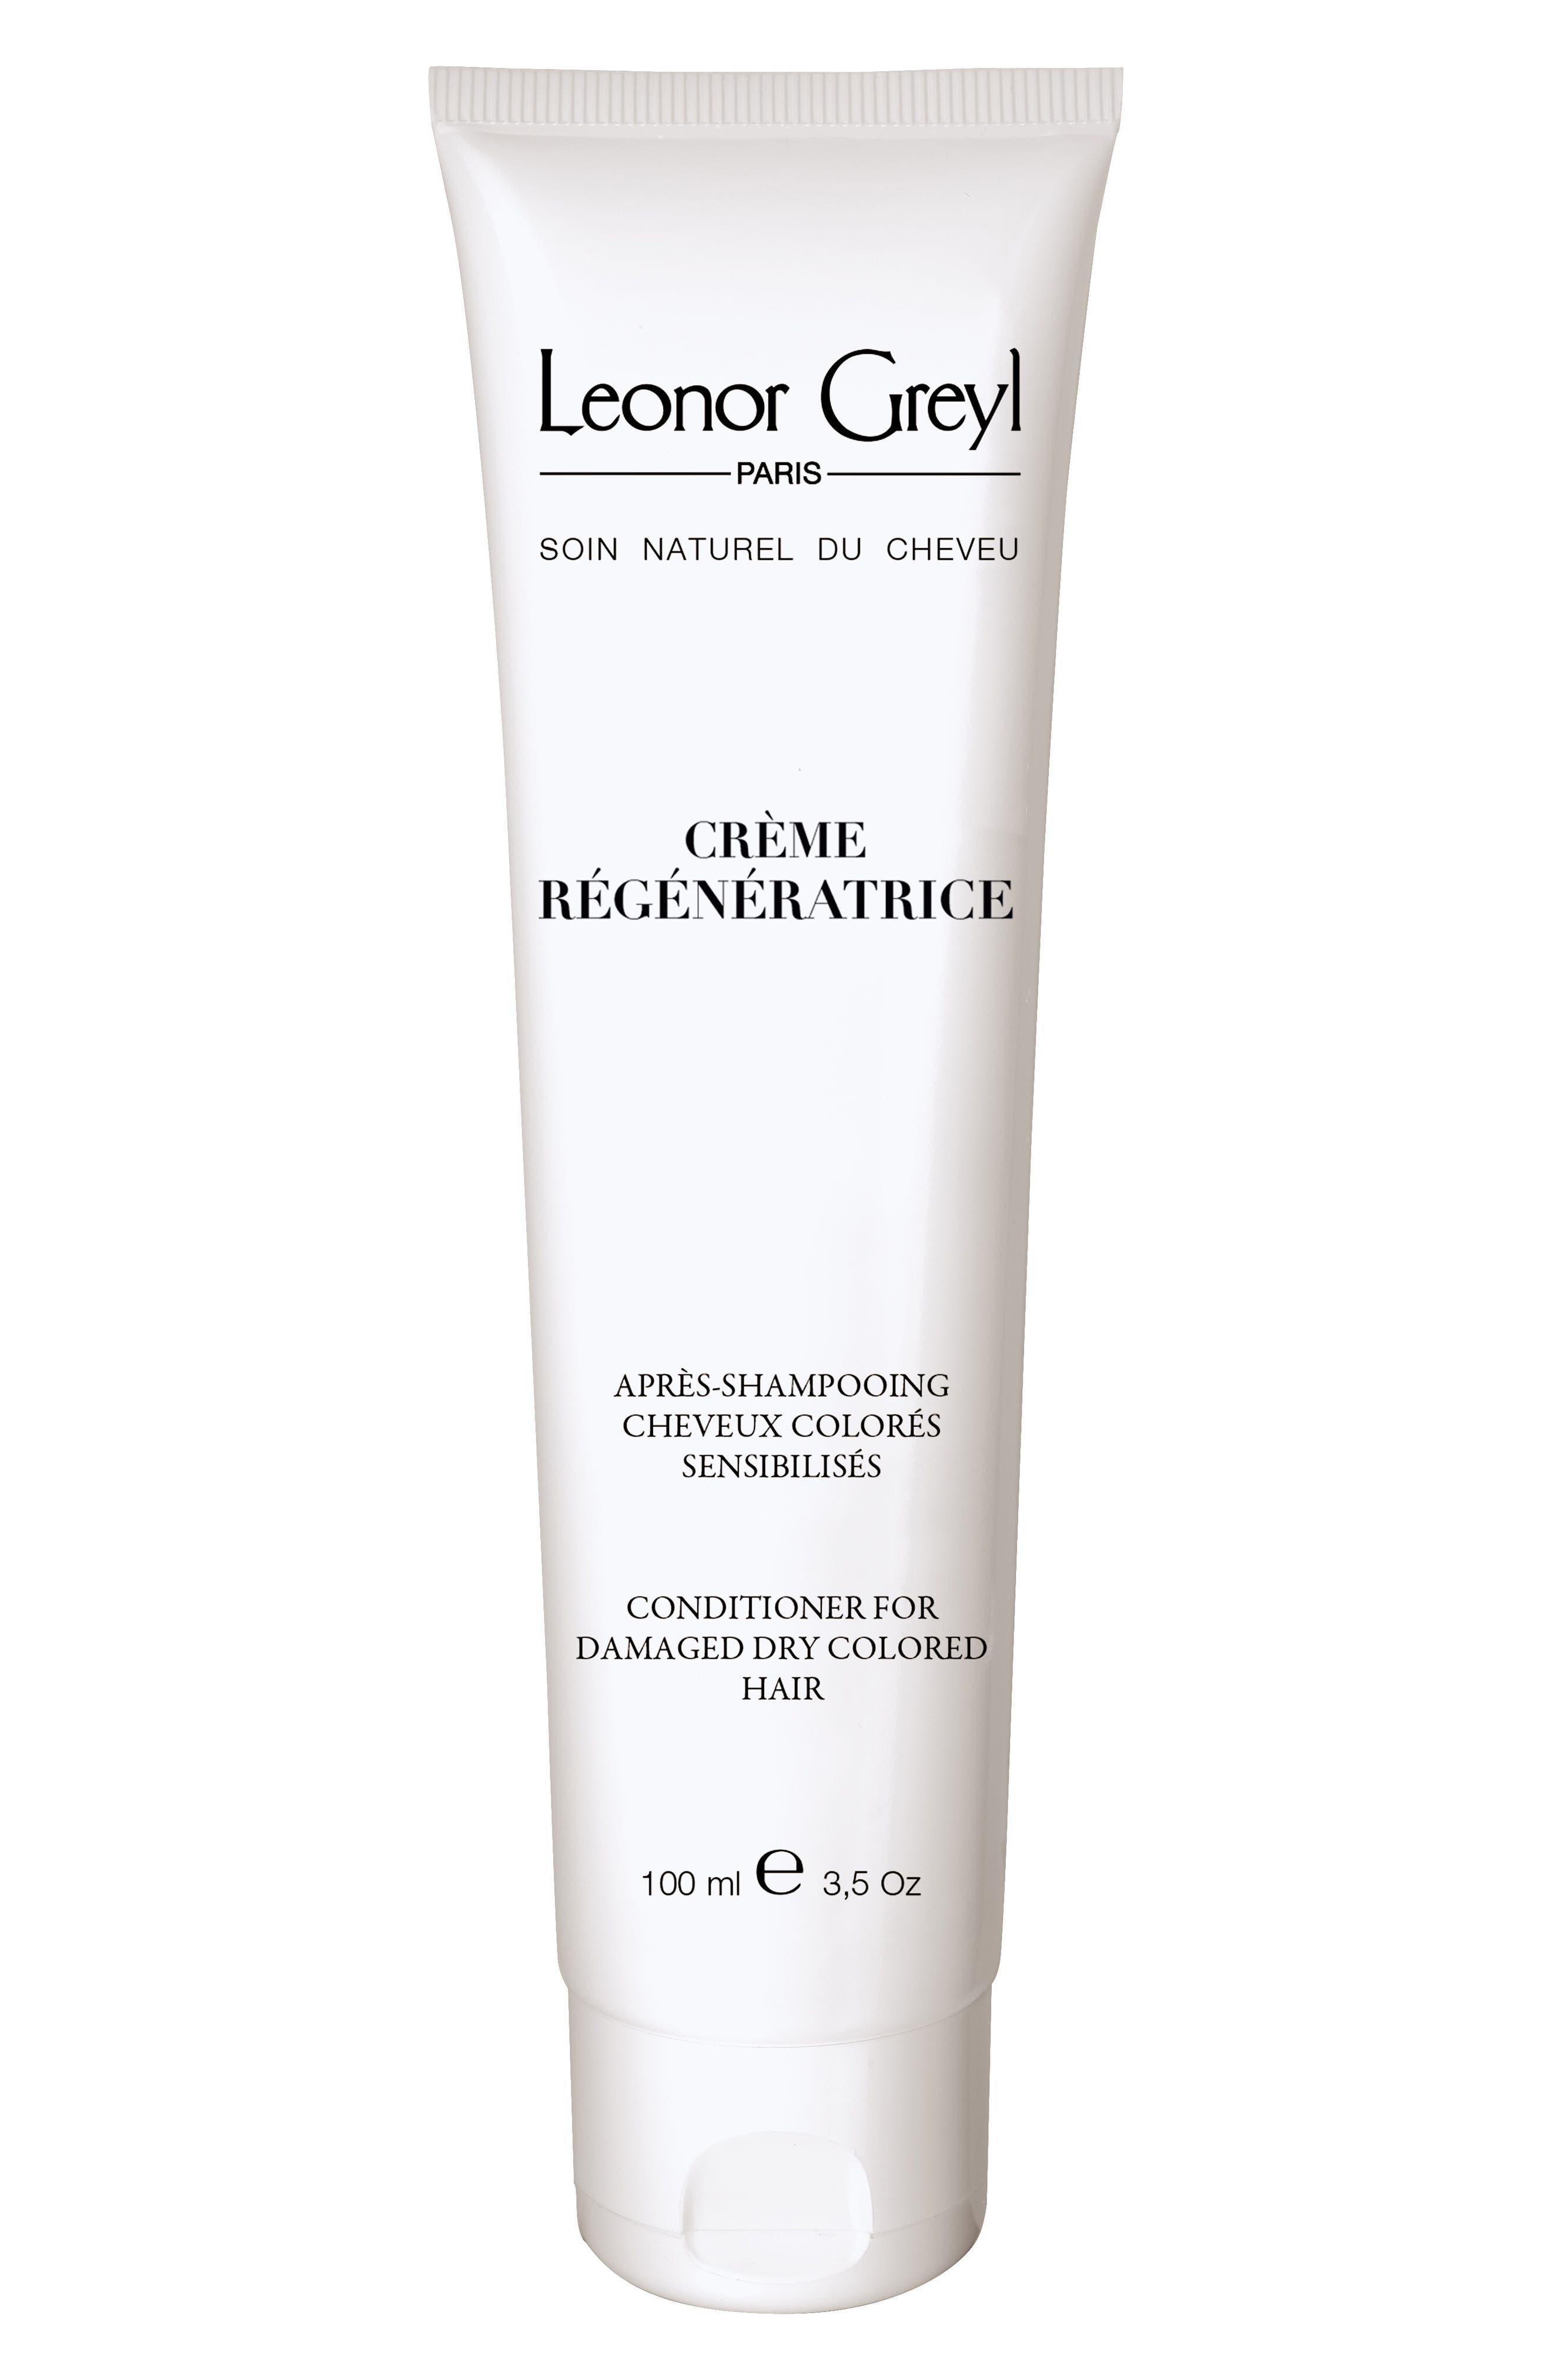 LEONOR GREYL PARIS Crème Régénératrice Conditioning Mask, Main, color, NO COLOR